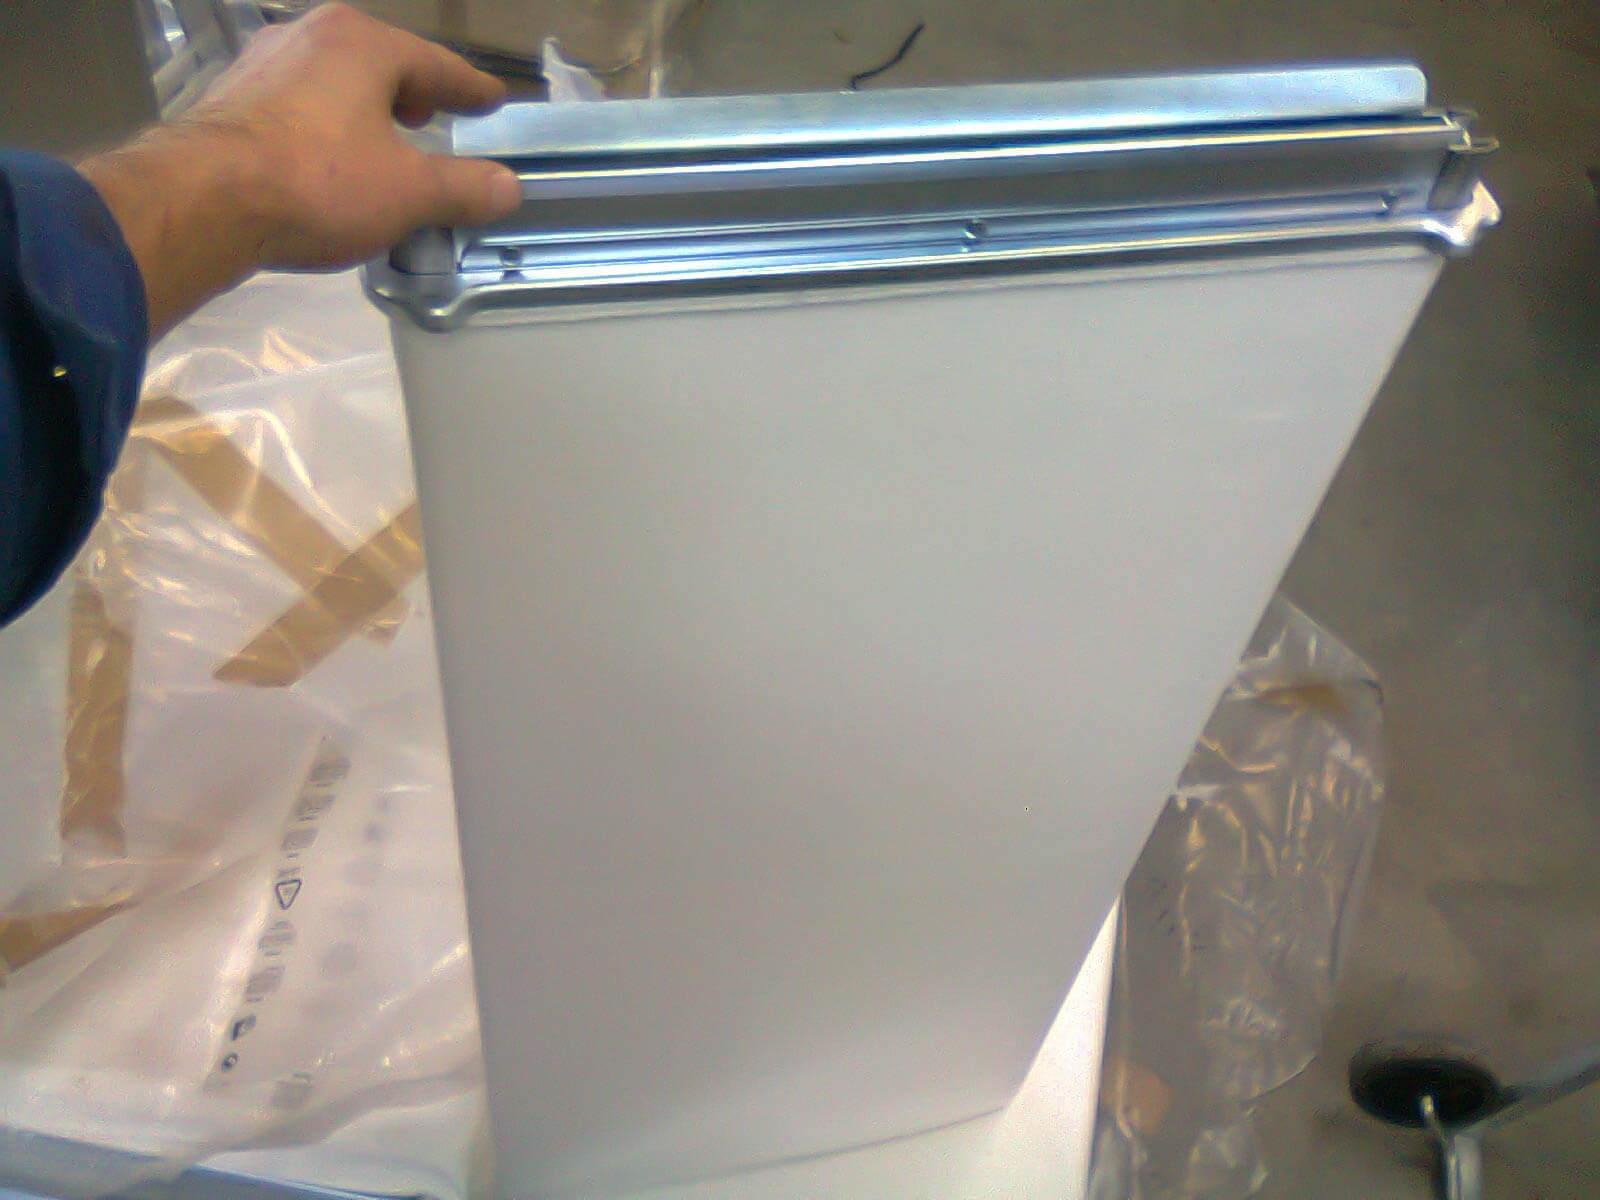 Stock poche filtrante pour dépoussiéreur. Fabrication de filtre spécial pour dépoussiéreur.